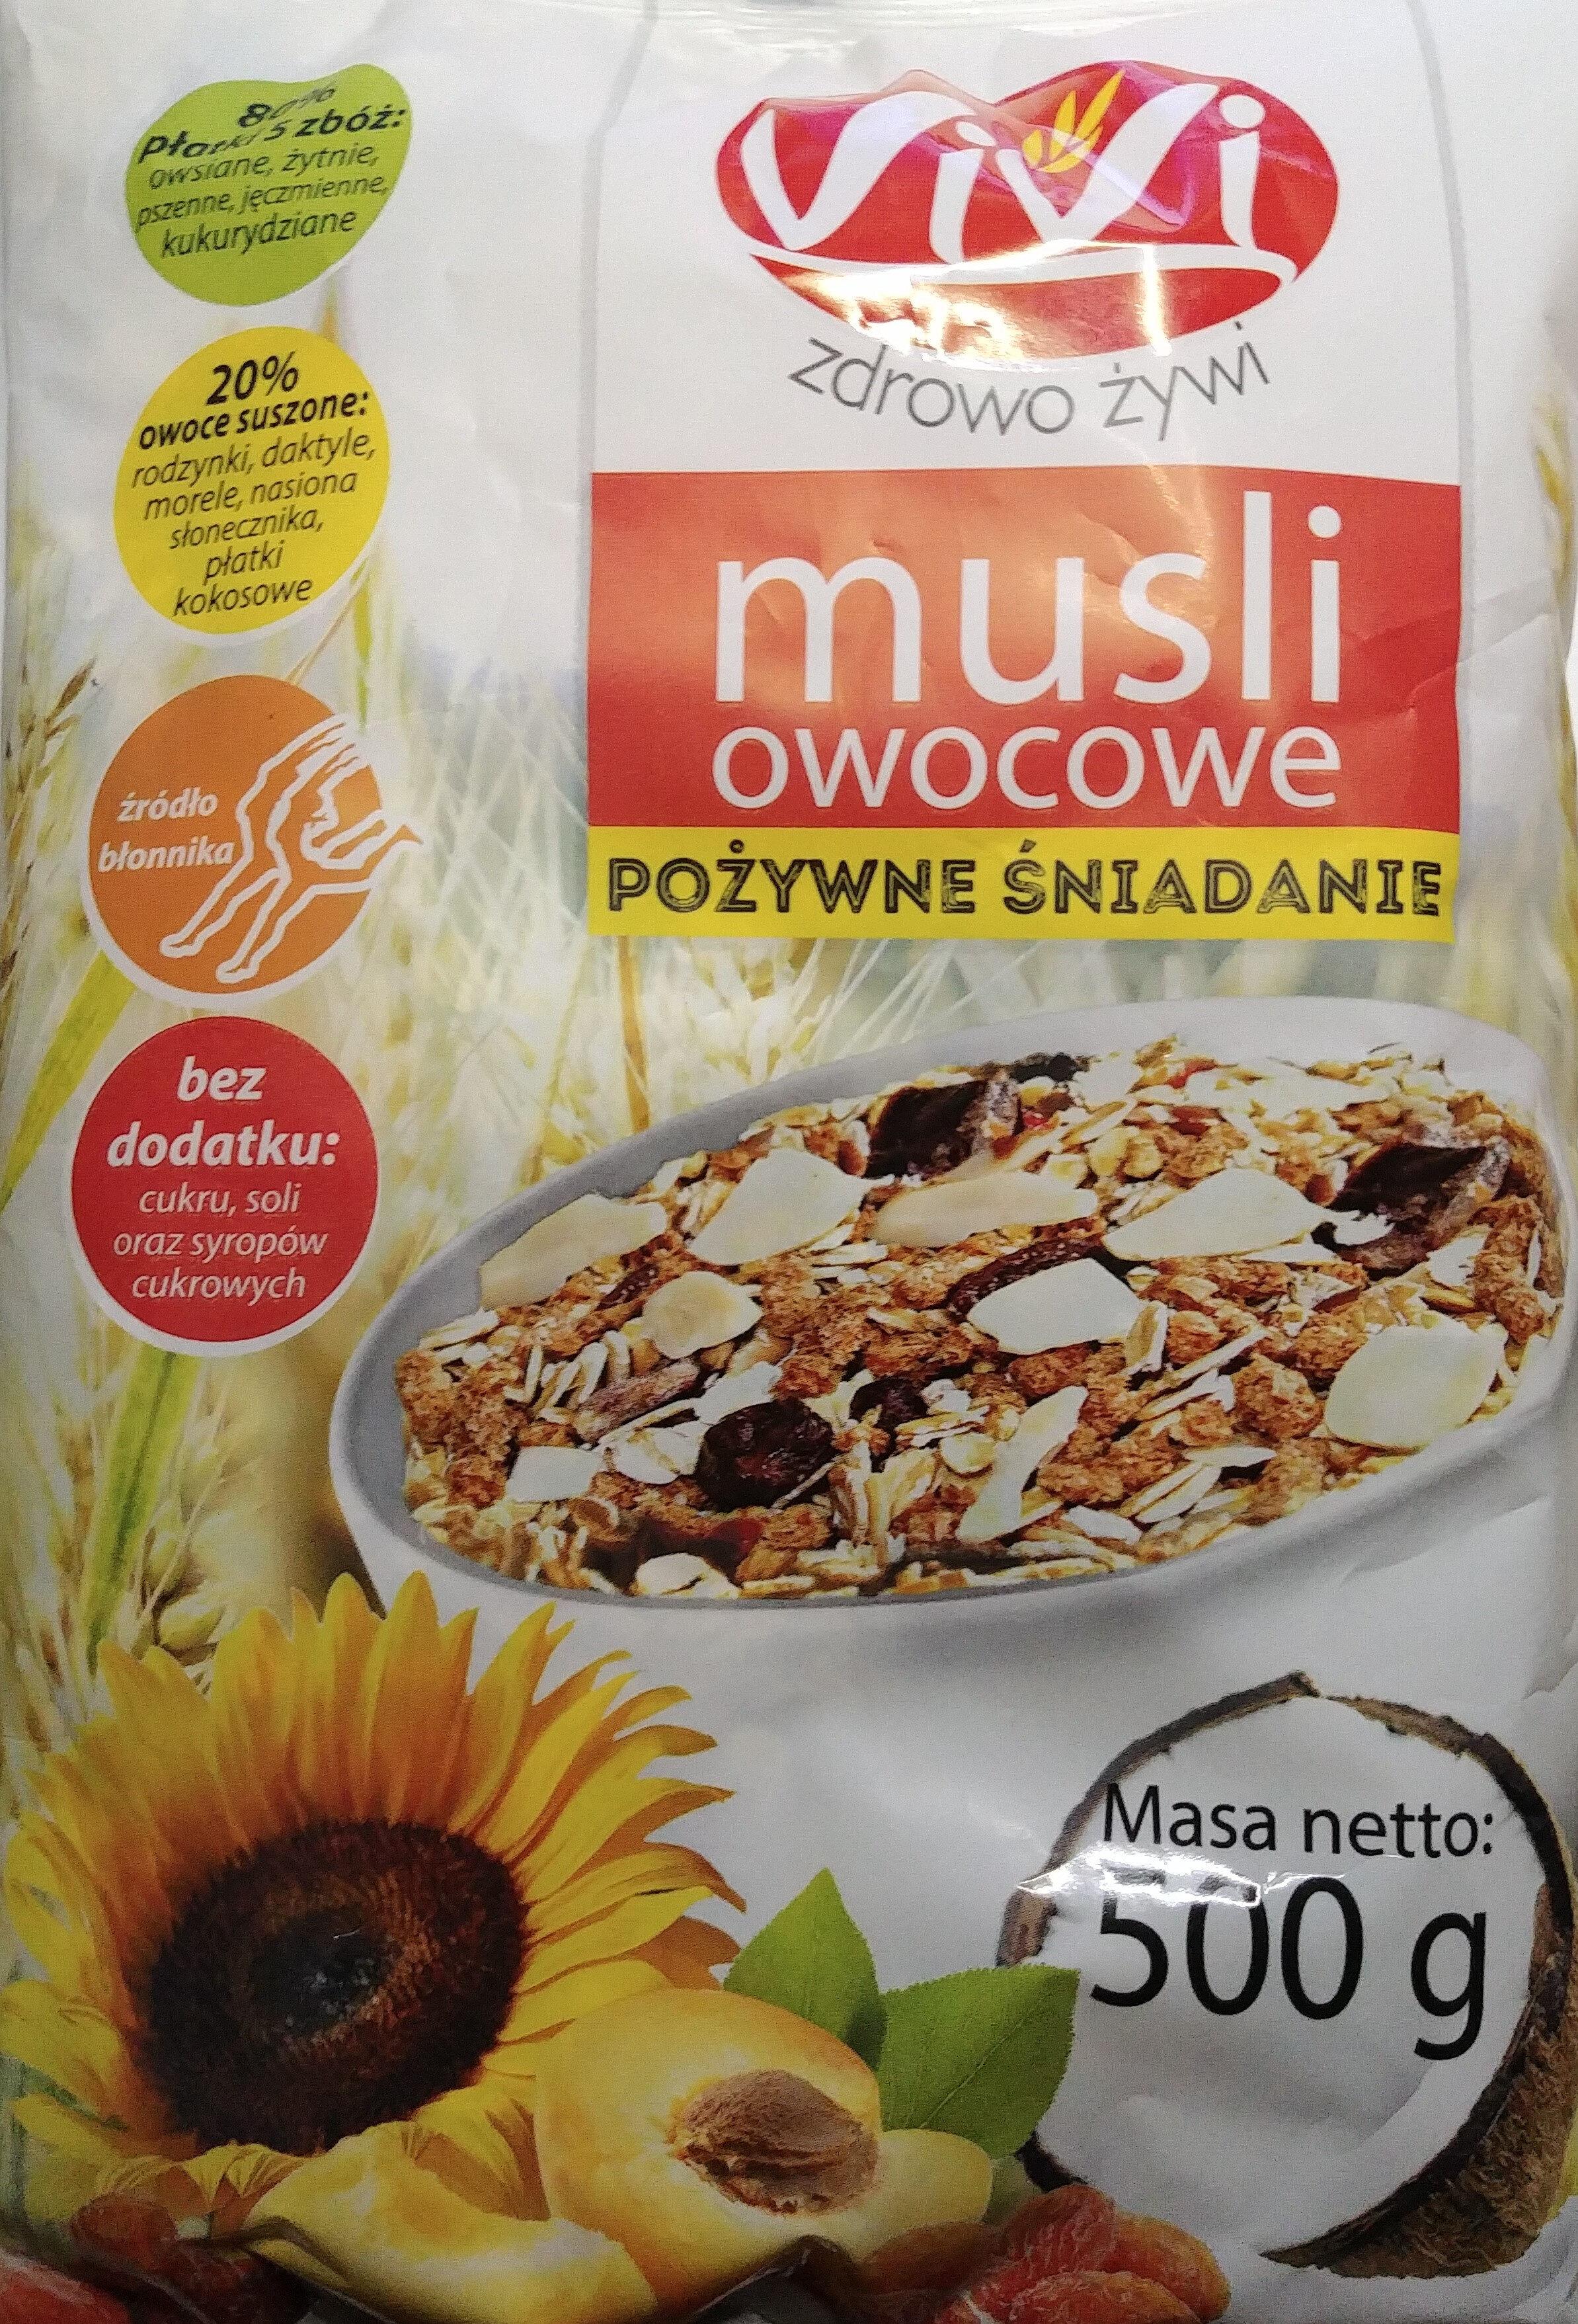 Musli owocowe pożywne śniadanie. - Produkt - pl